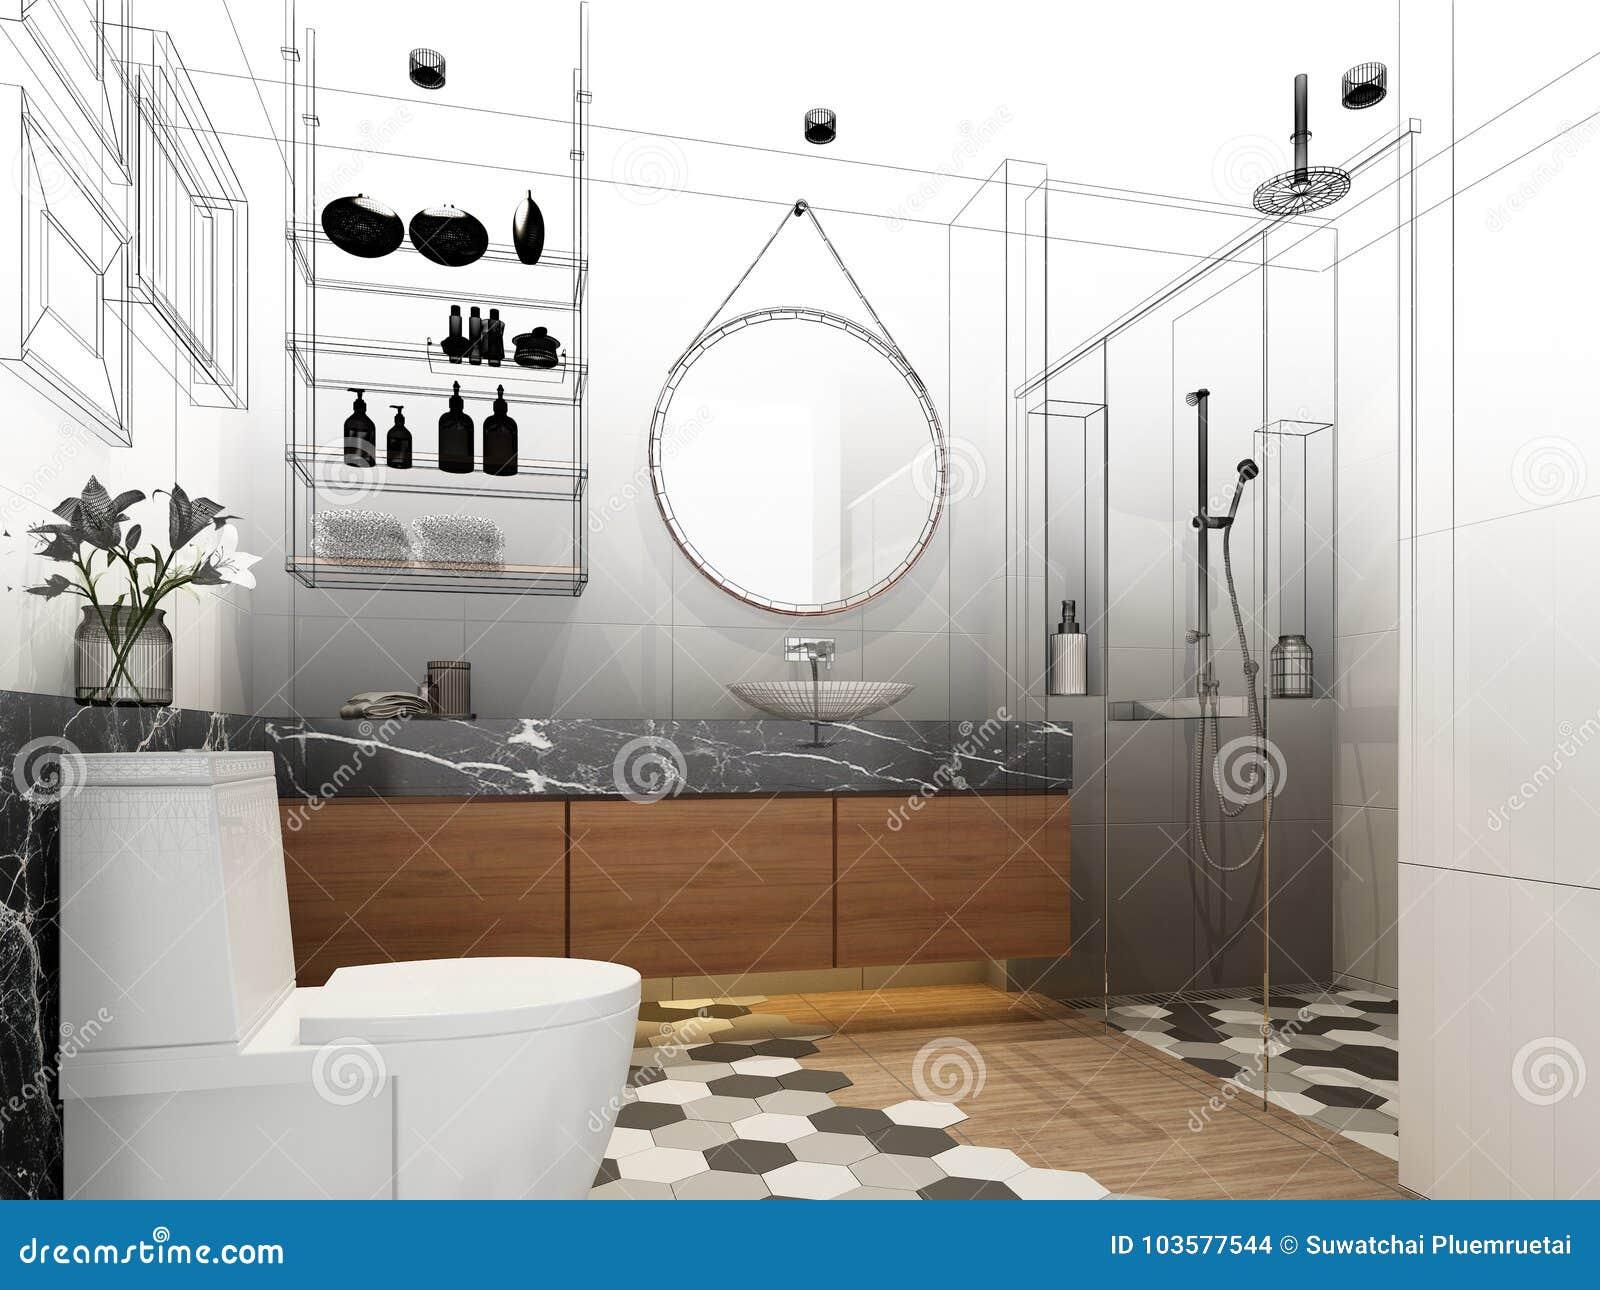 Diseño Abstracto Del Bosquejo De Cuarto De Baño Interior Stock de ...